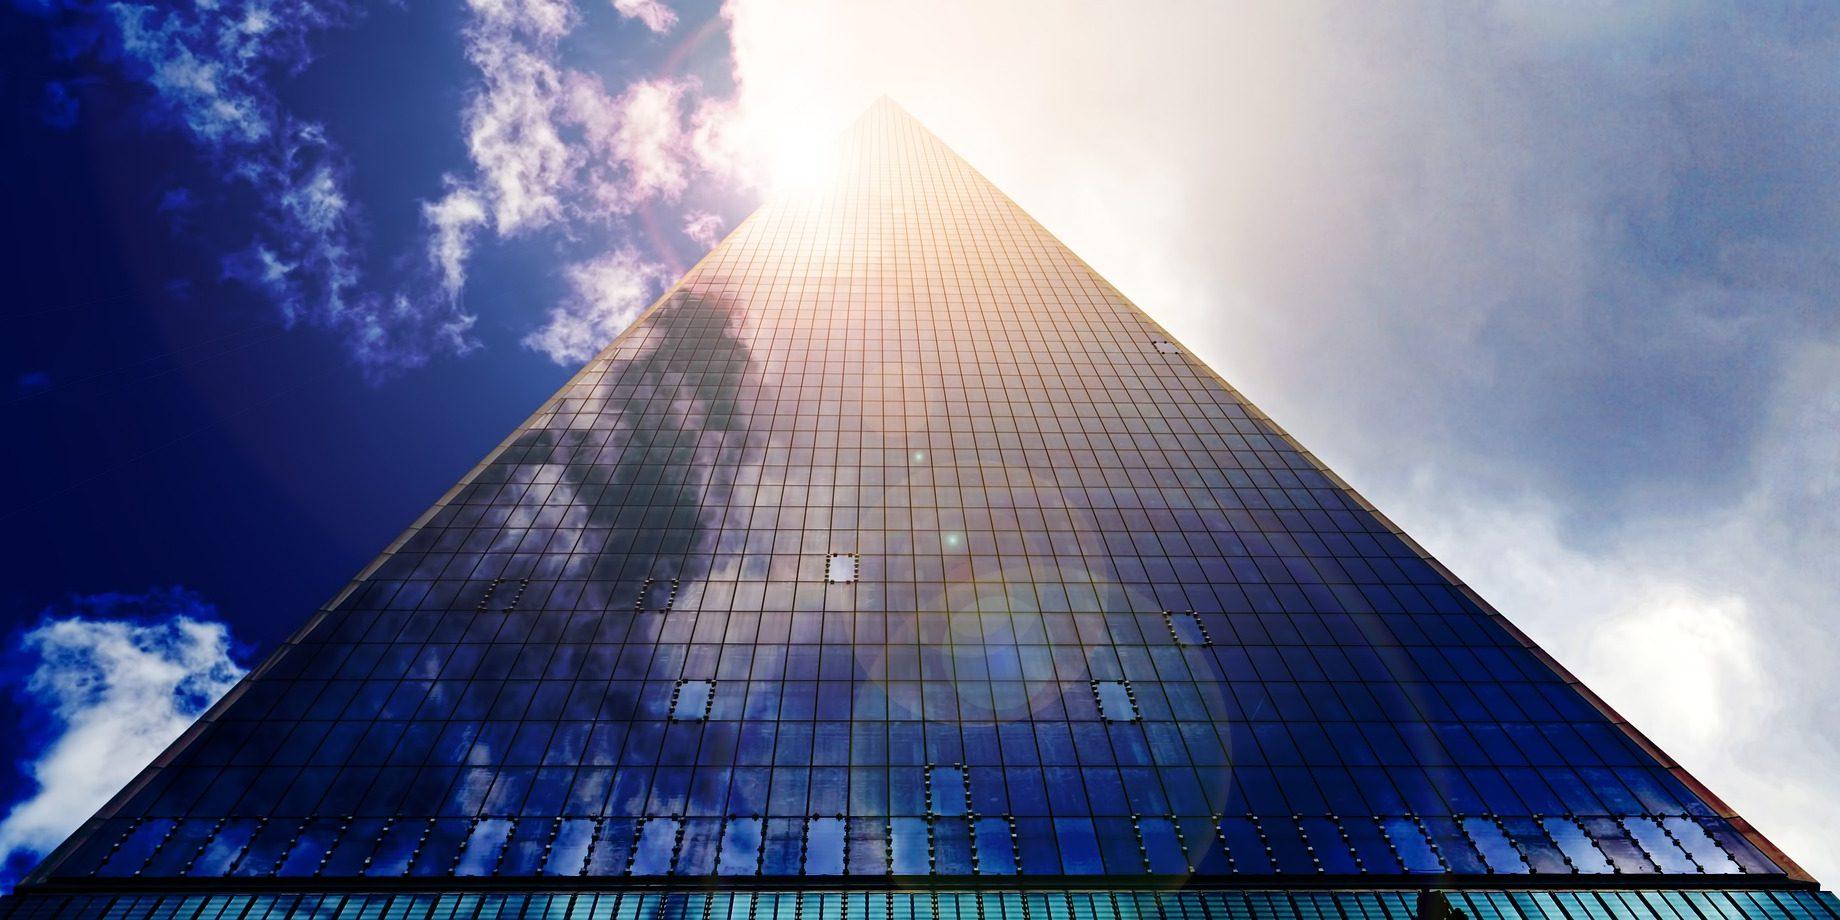 Резидент «Сколково» разработал интеллектуальную концепцию «цифрового» небоскреба»